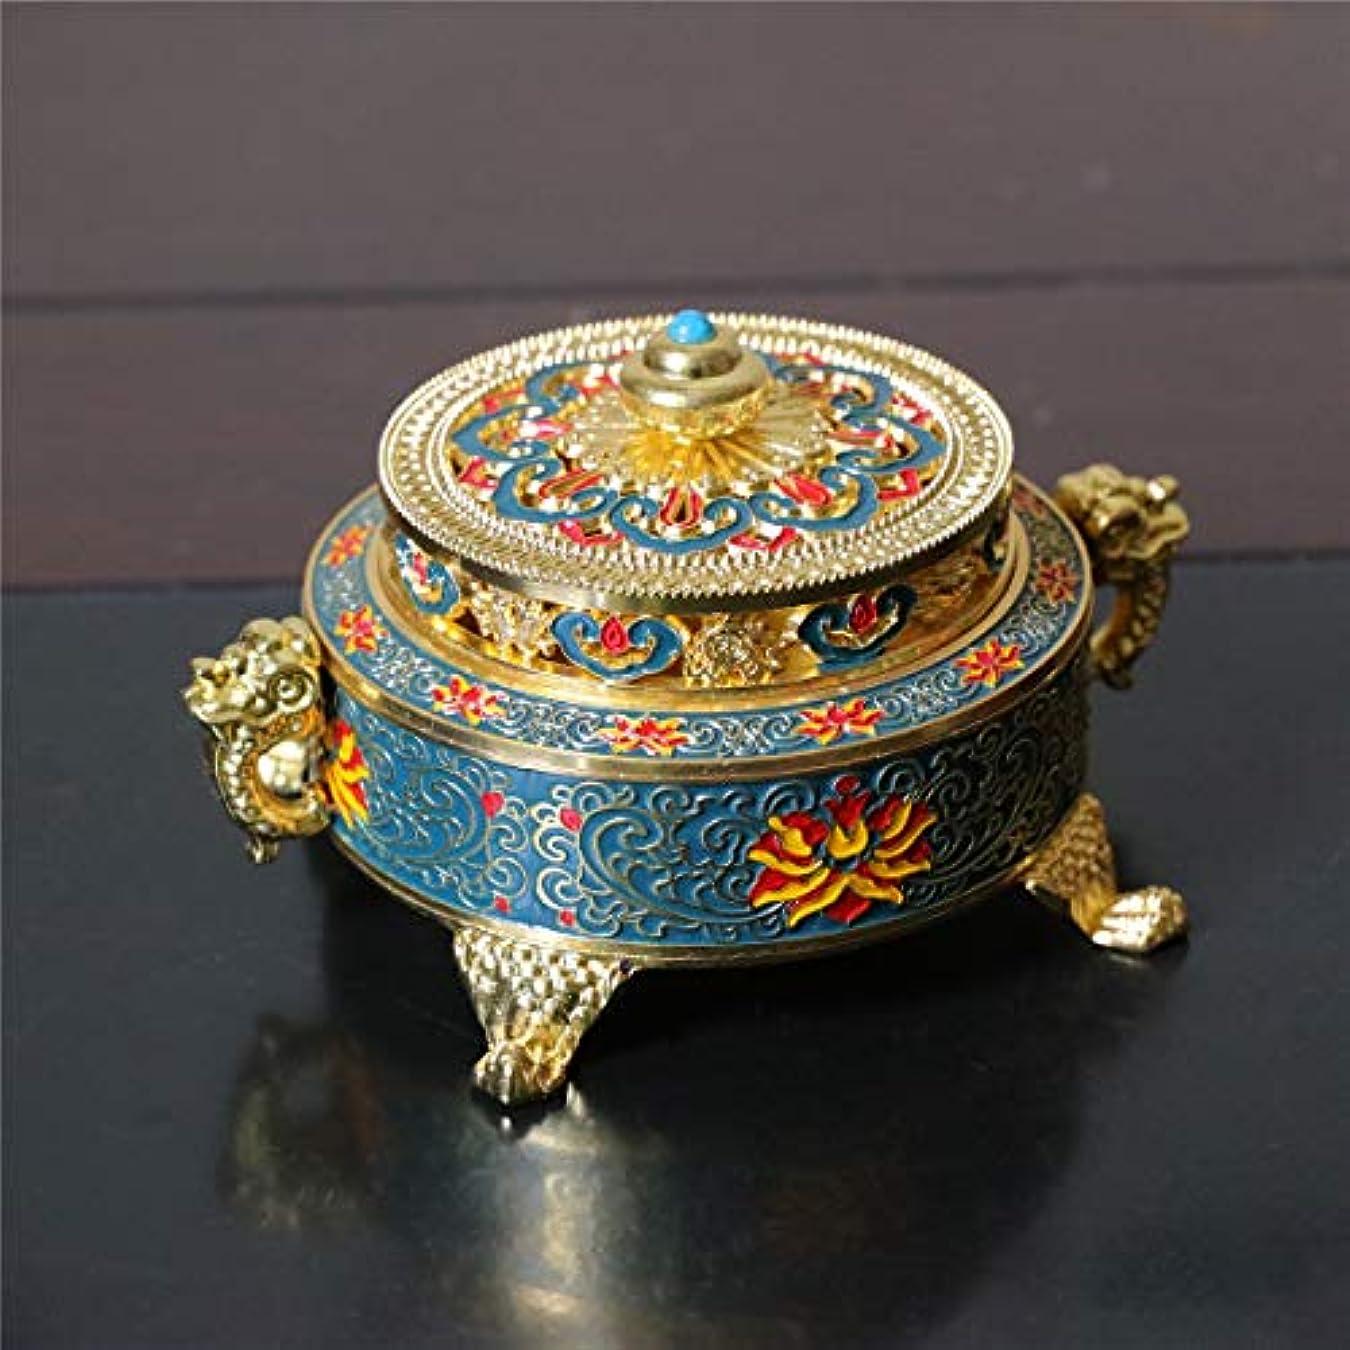 リムハンバーガー怒るPHILOGOD 香炉 美しく印刷渦巻き線香 香立て 仏壇用 香皿 (Blue Enamel)